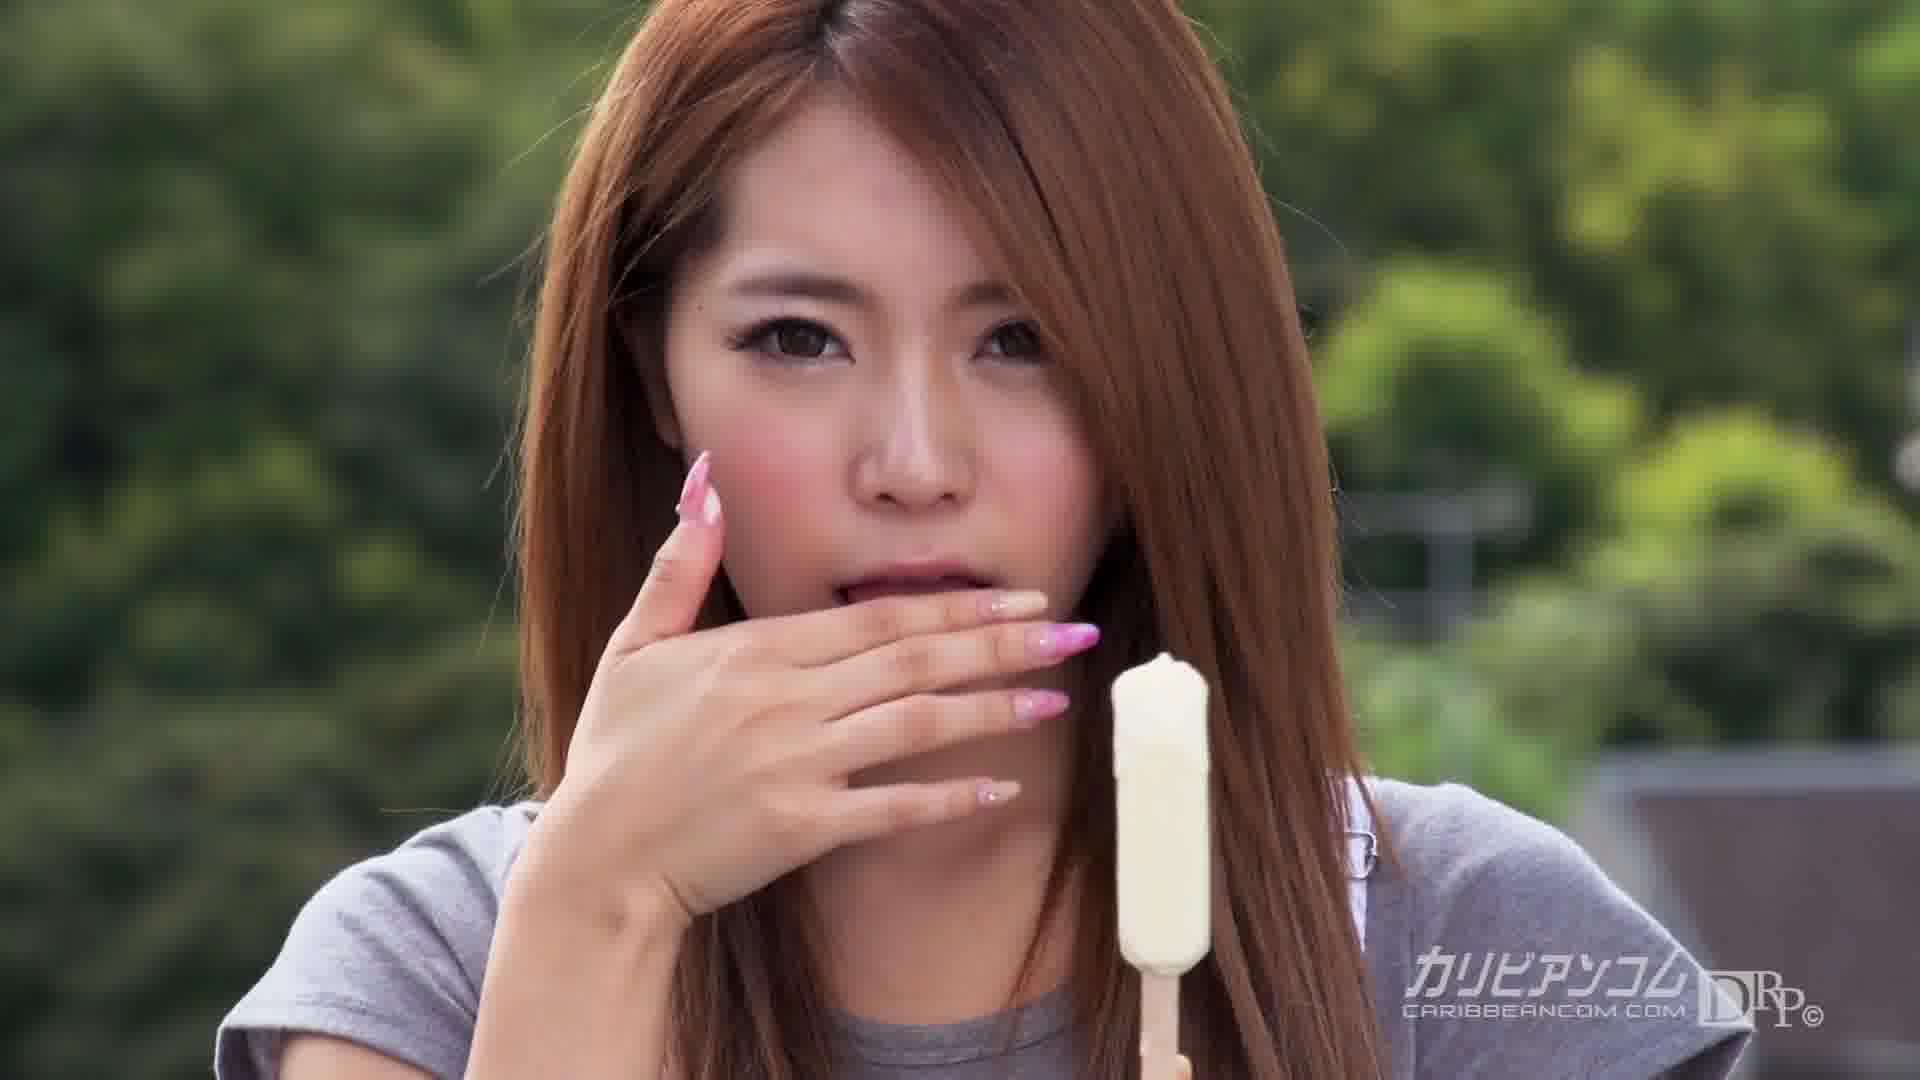 乳首の卑猥な潮吹き女子大生 - 大森玲菜【ザーメン・微乳・初裏】